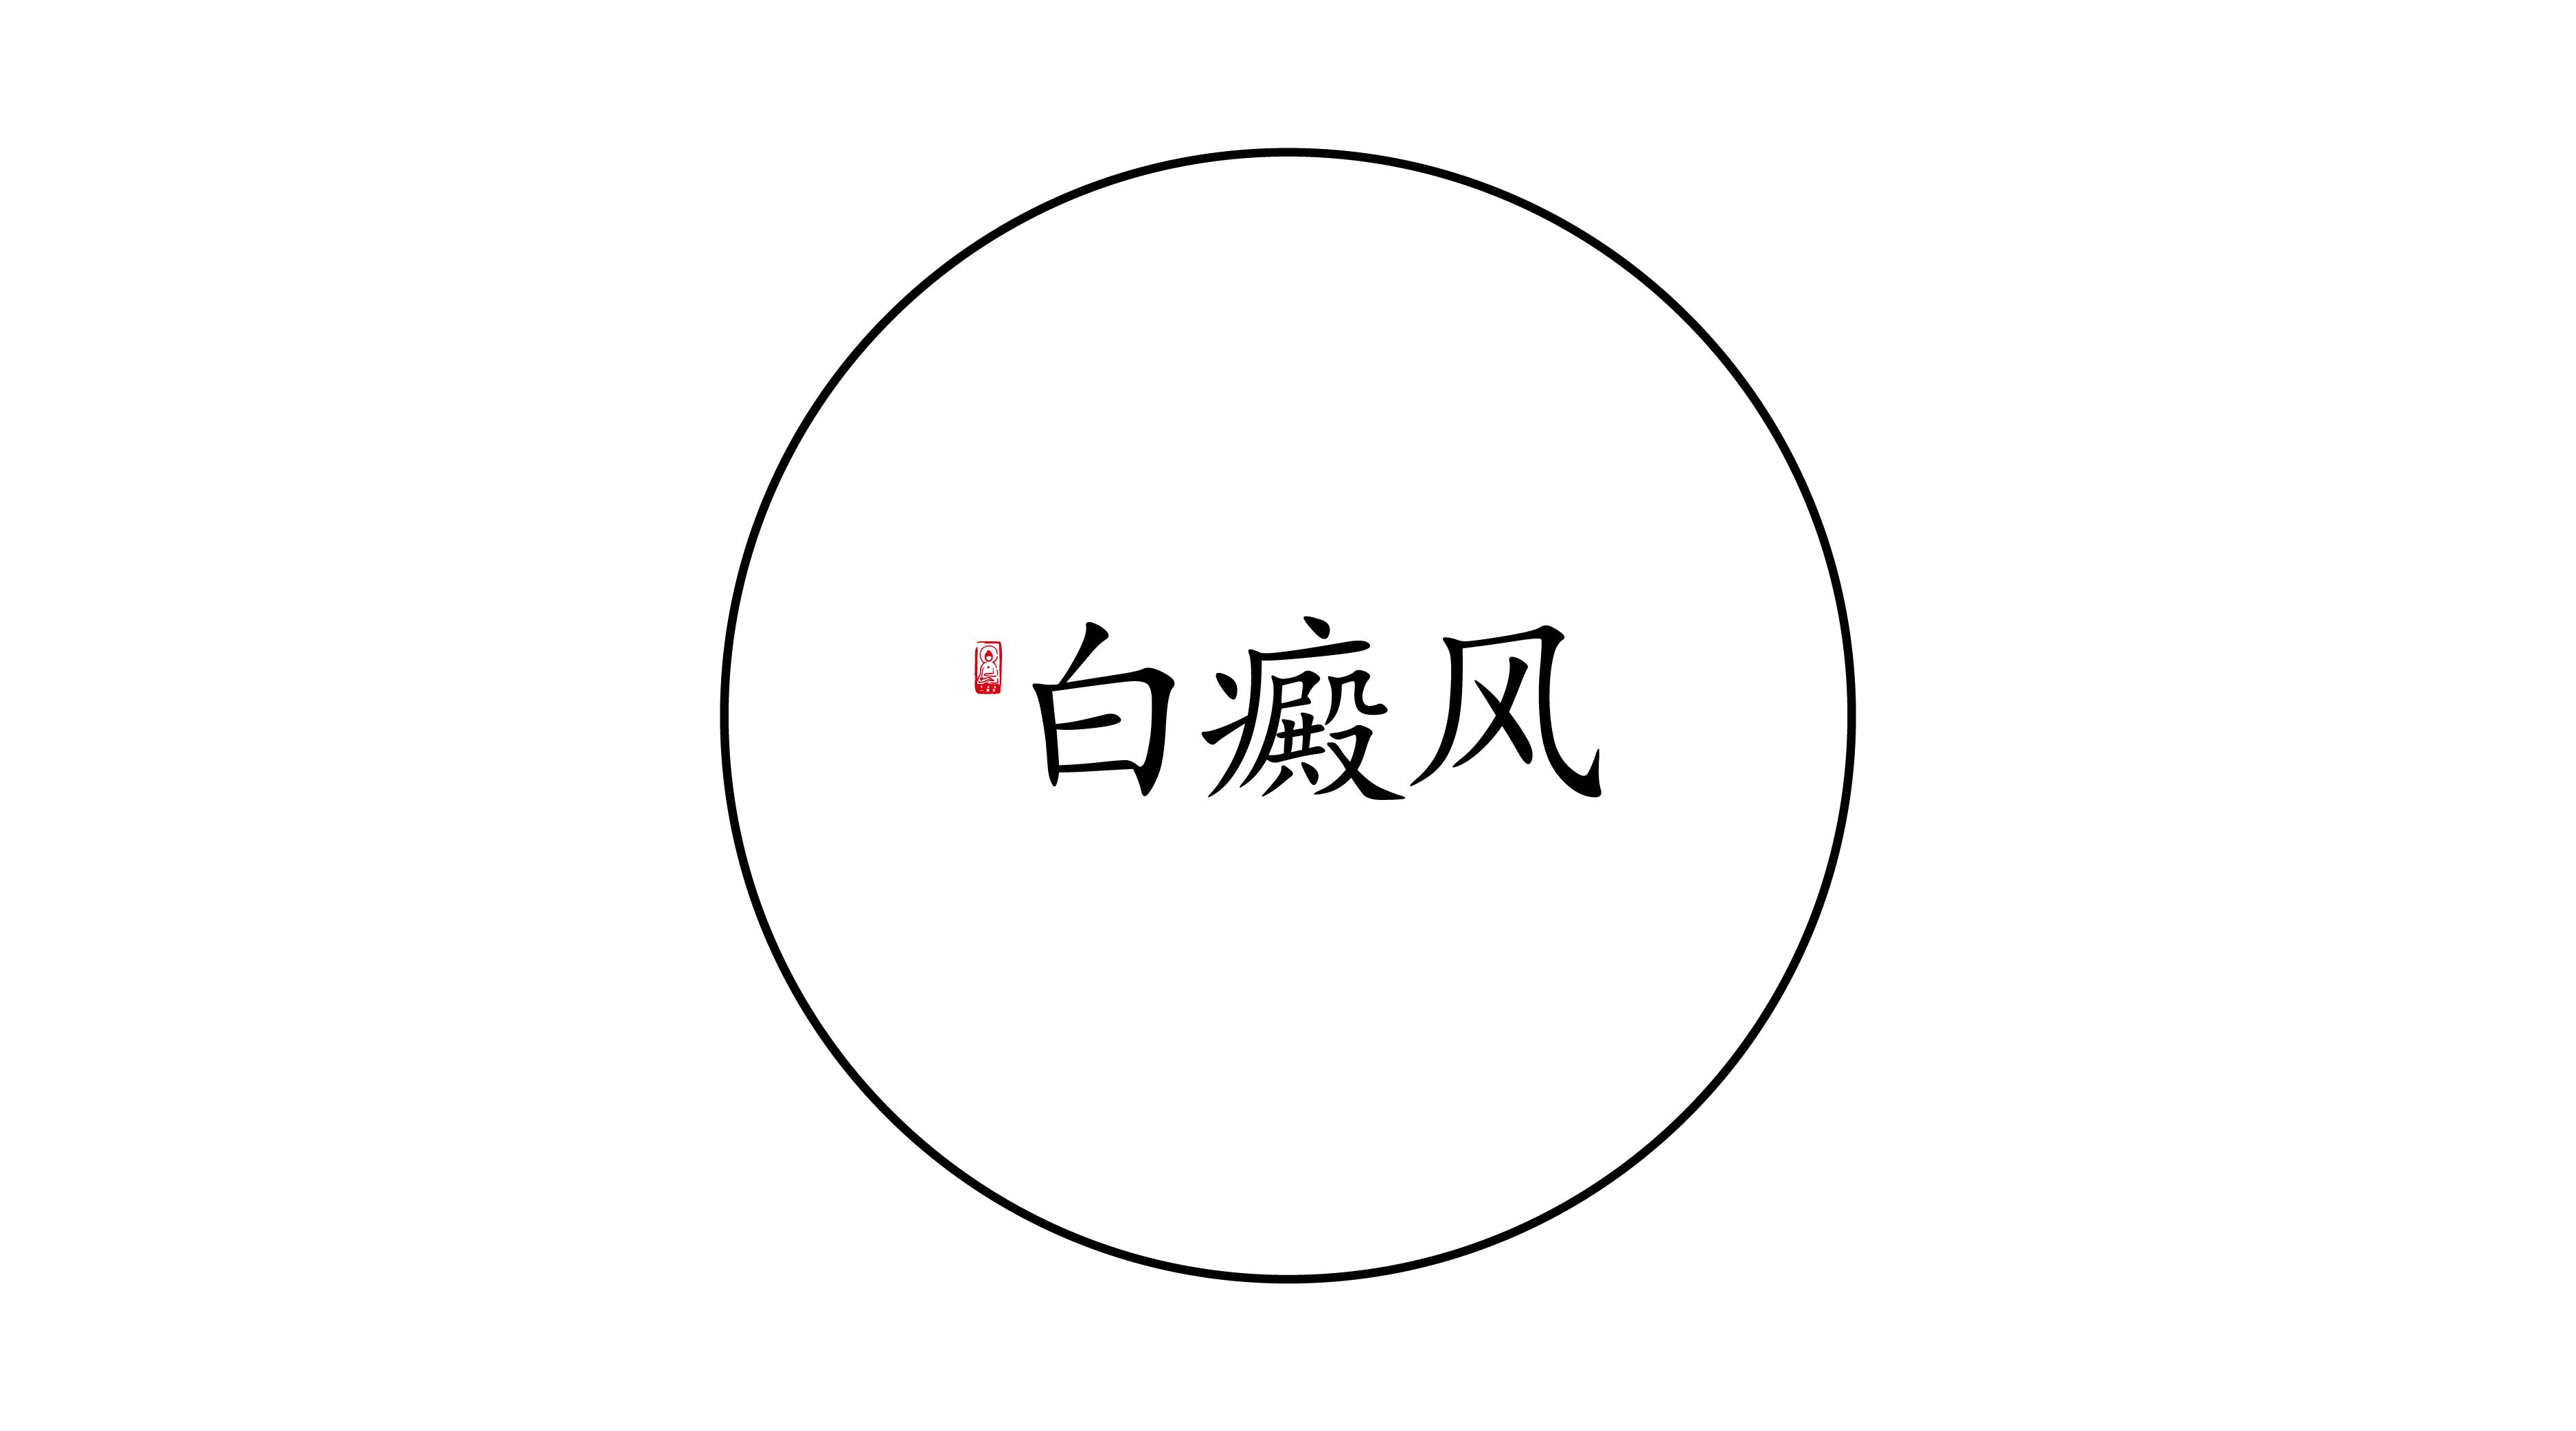 上海医院答白癜风疾病的预防方法有哪些?